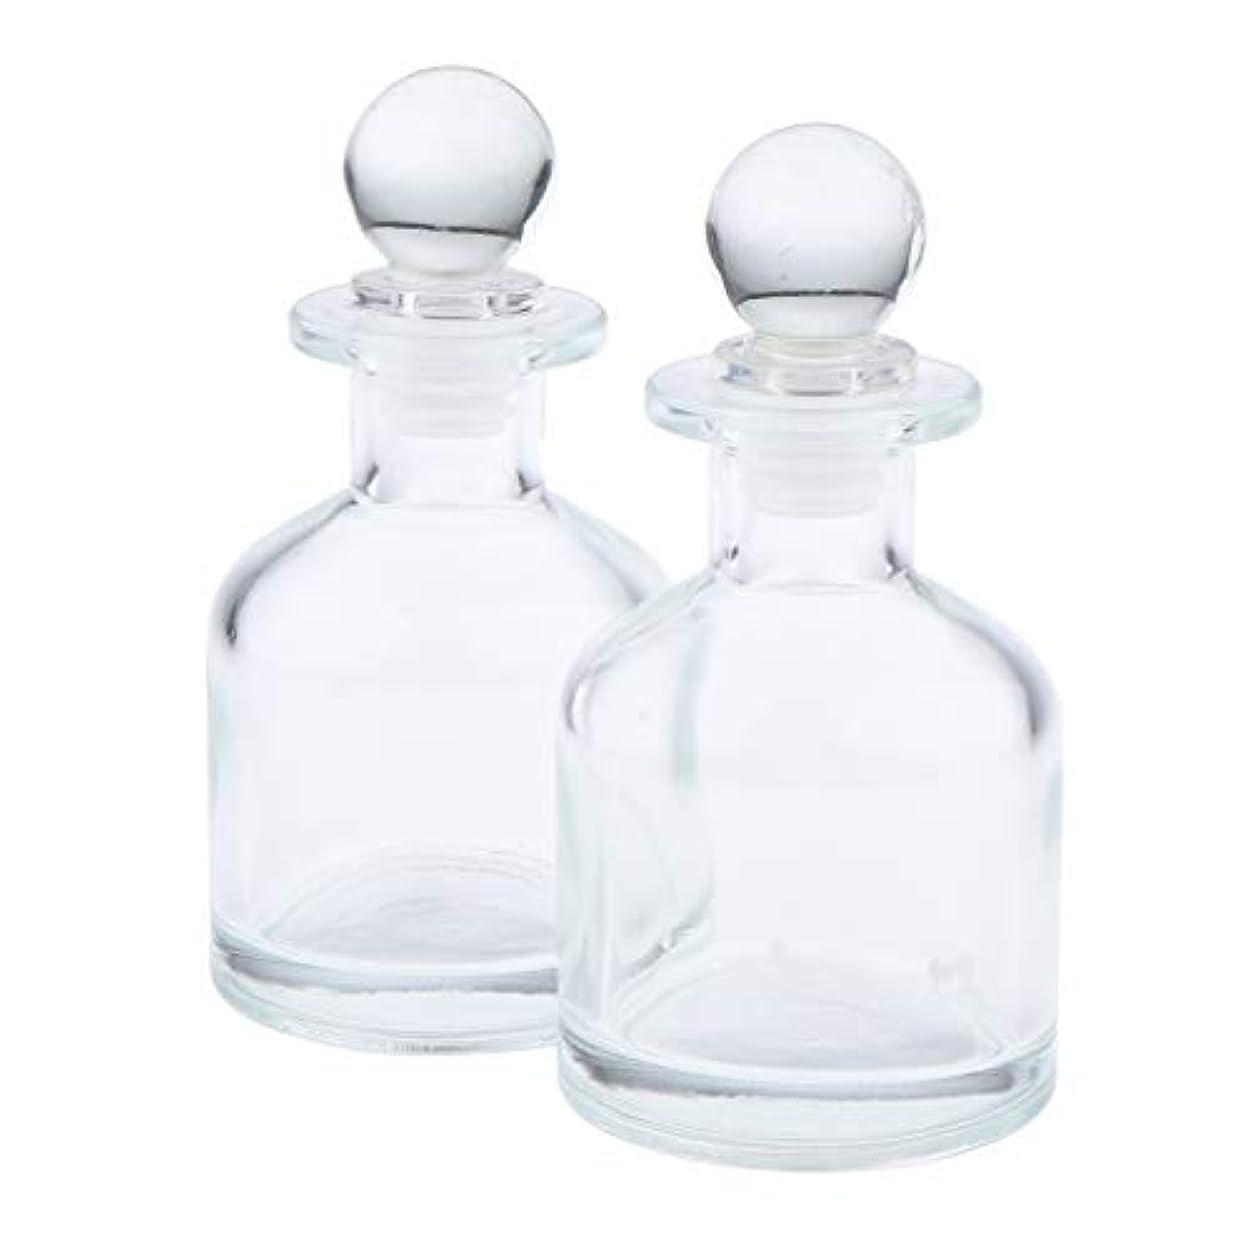 添加生理どんなときもToygogo 香水ボトル ガラス エッセンシャルオイル ボトル 透明 丸い 香水瓶 2サイズ選べ - 130ミリリットル